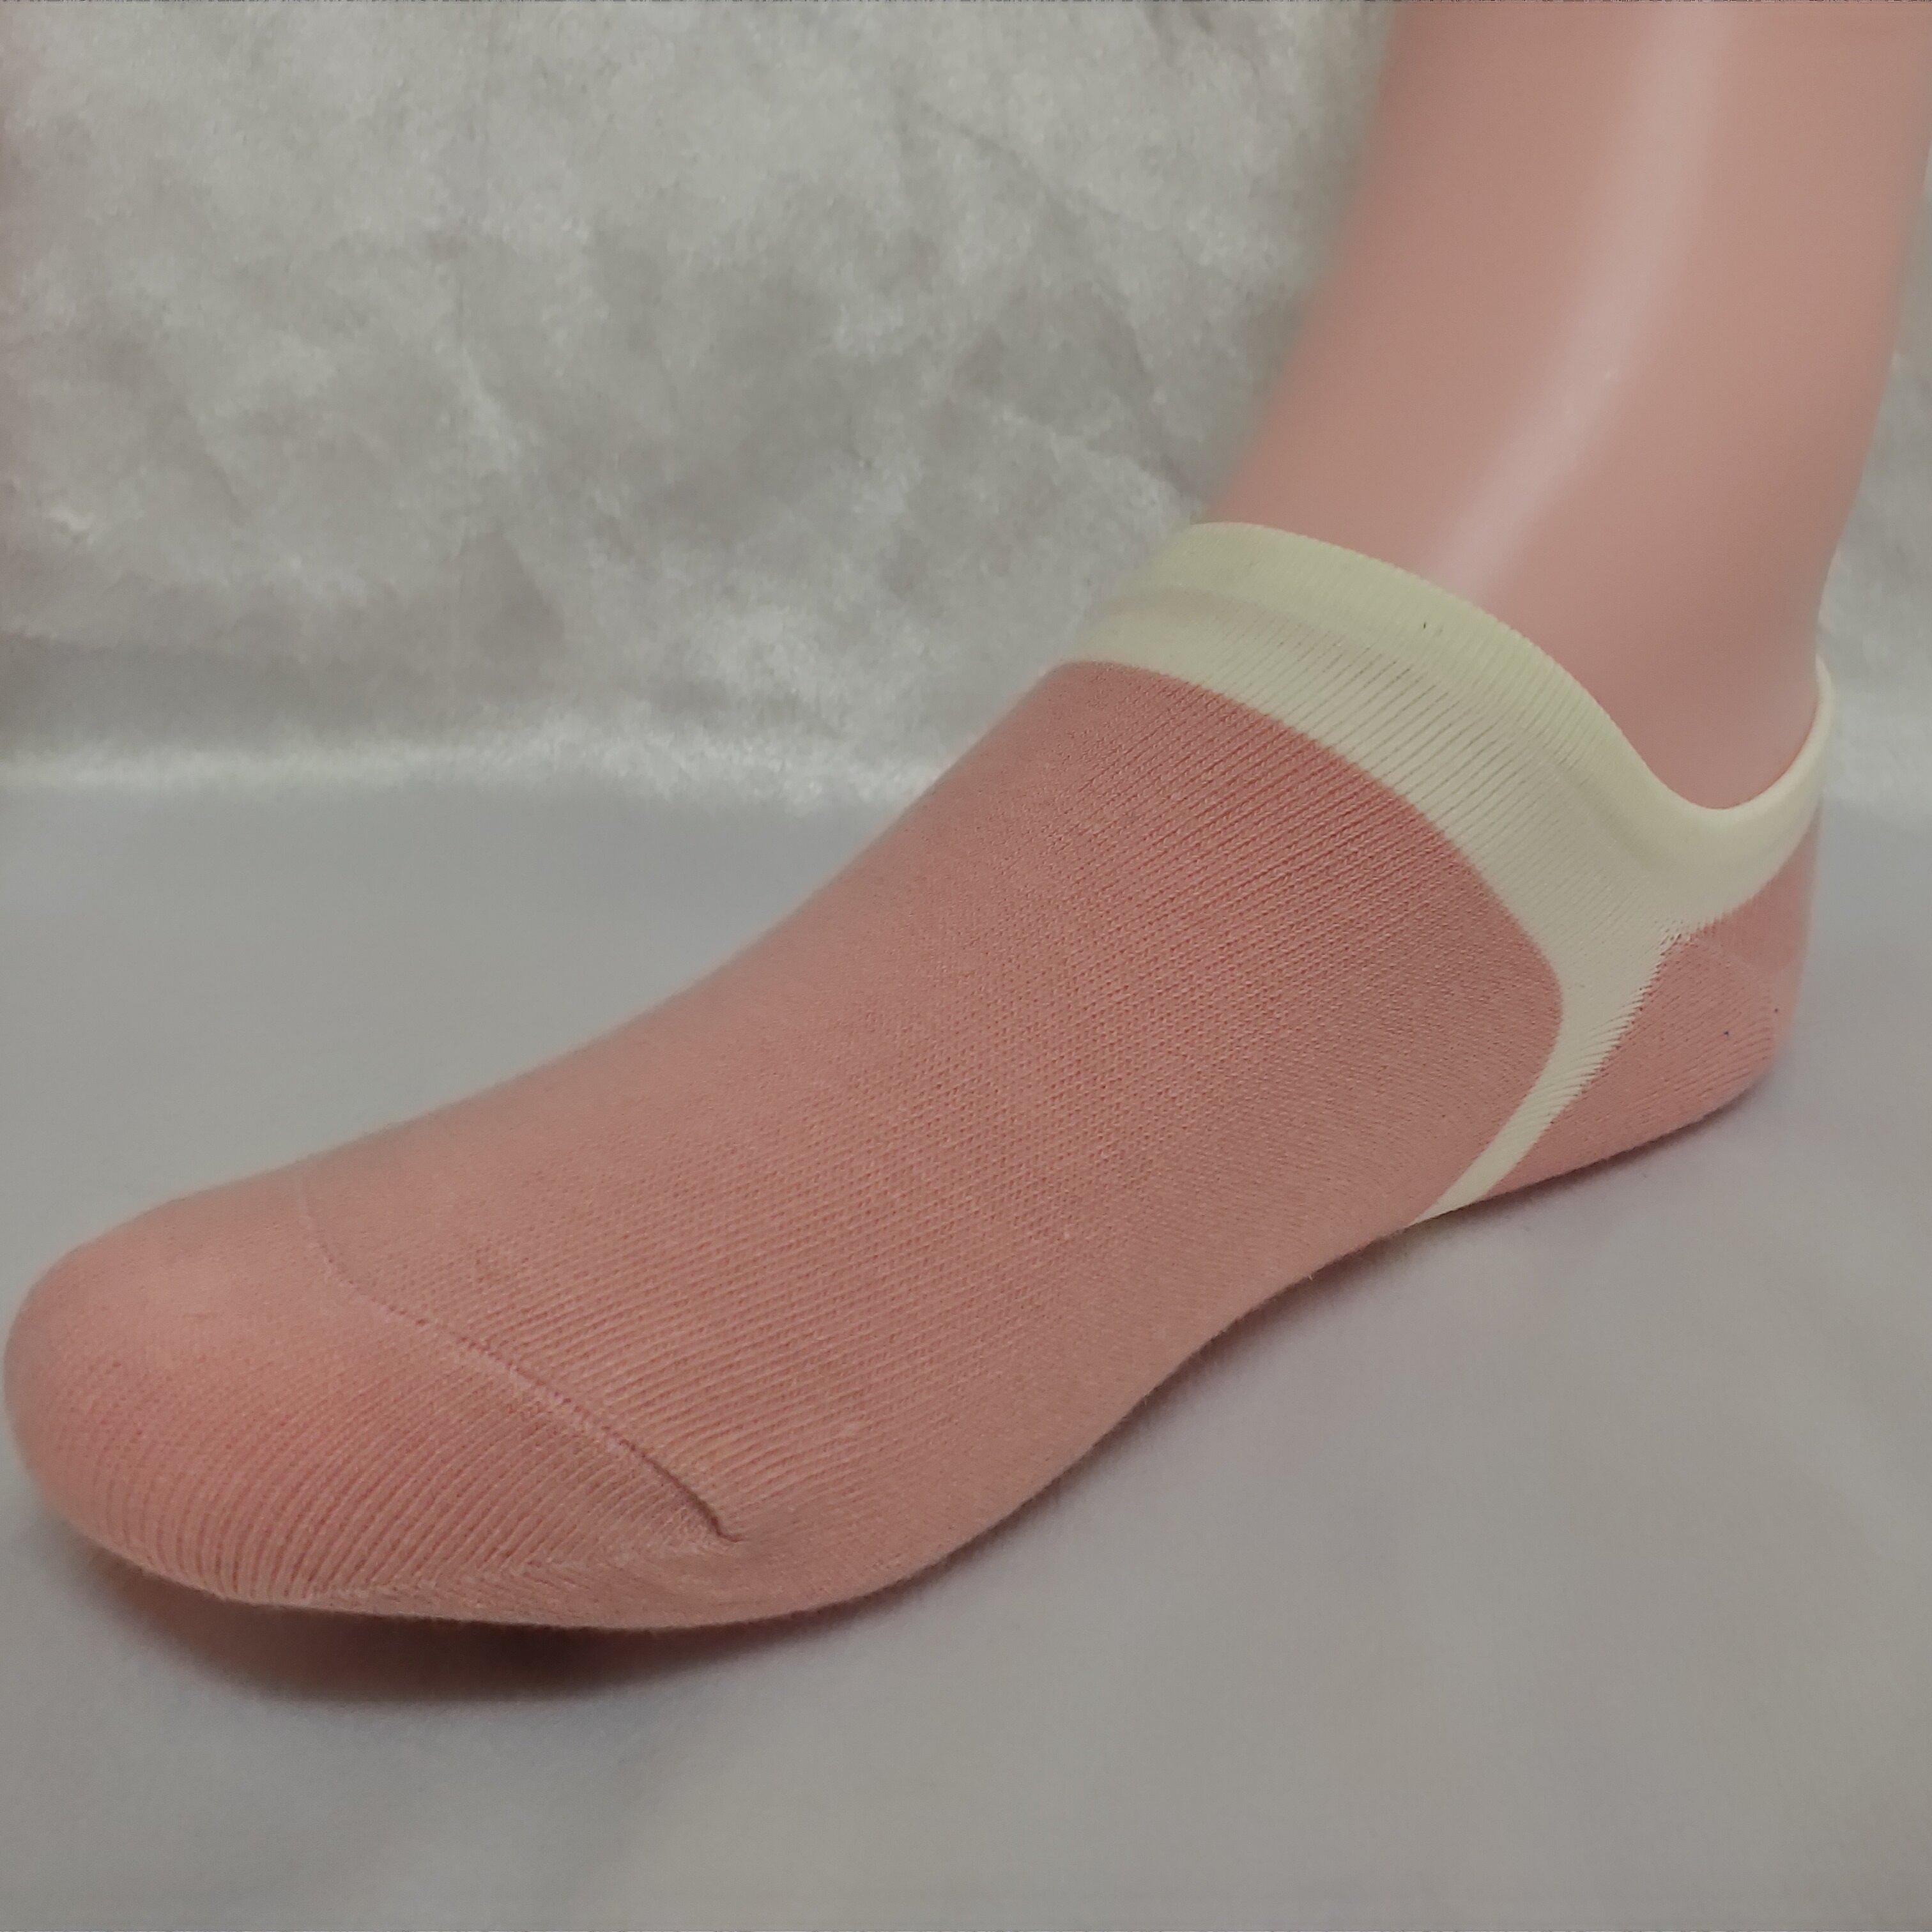 百立棉業  包包鞋專用隱形襪 顏色:黑色、粉色、灰底粉邊色 細柔棉 細針 後腳跟止滑 休閒鞋 樂福鞋 隱形襪 台灣製造